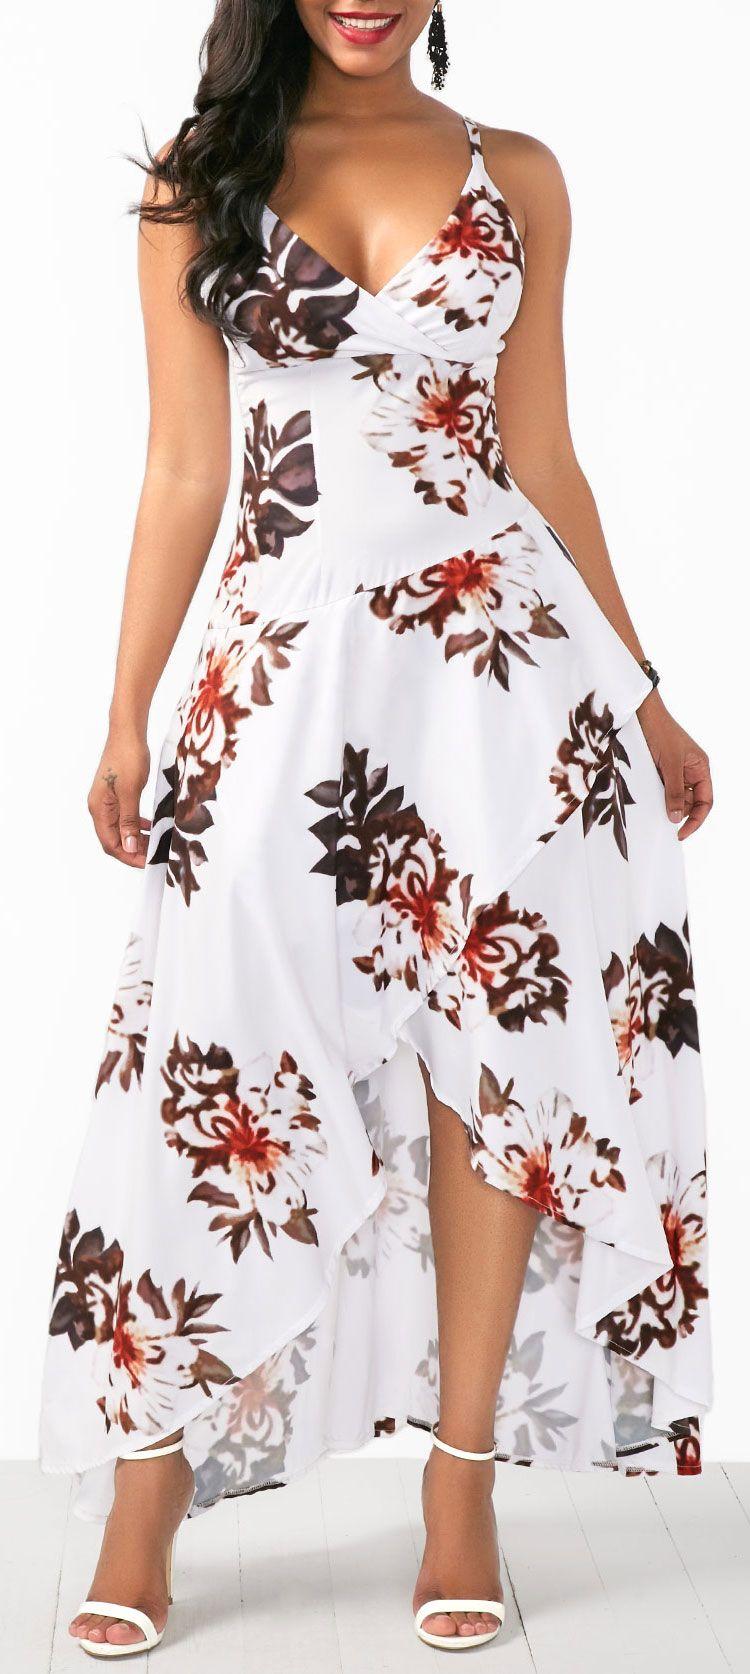 Overlap Flower Print White Slip Dress | Ofir | Pinterest ...